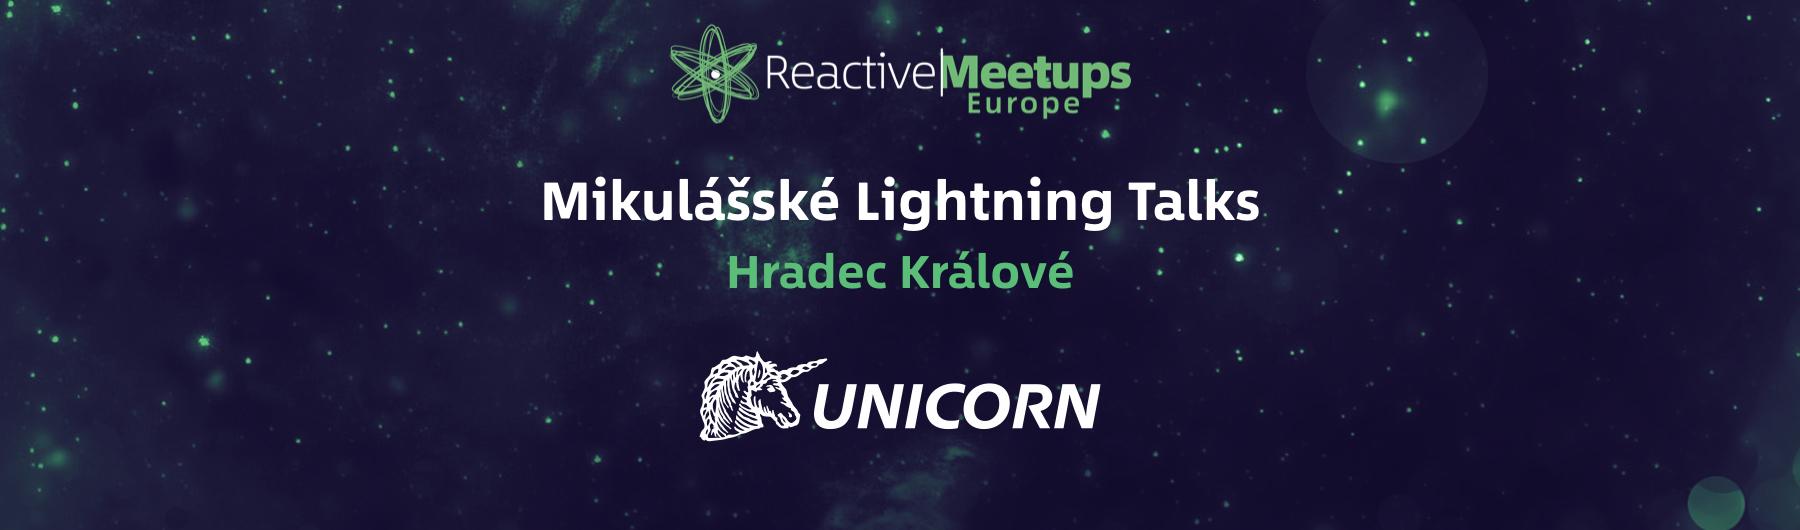 Mikulášské Lightning Talks - Hradec Králové